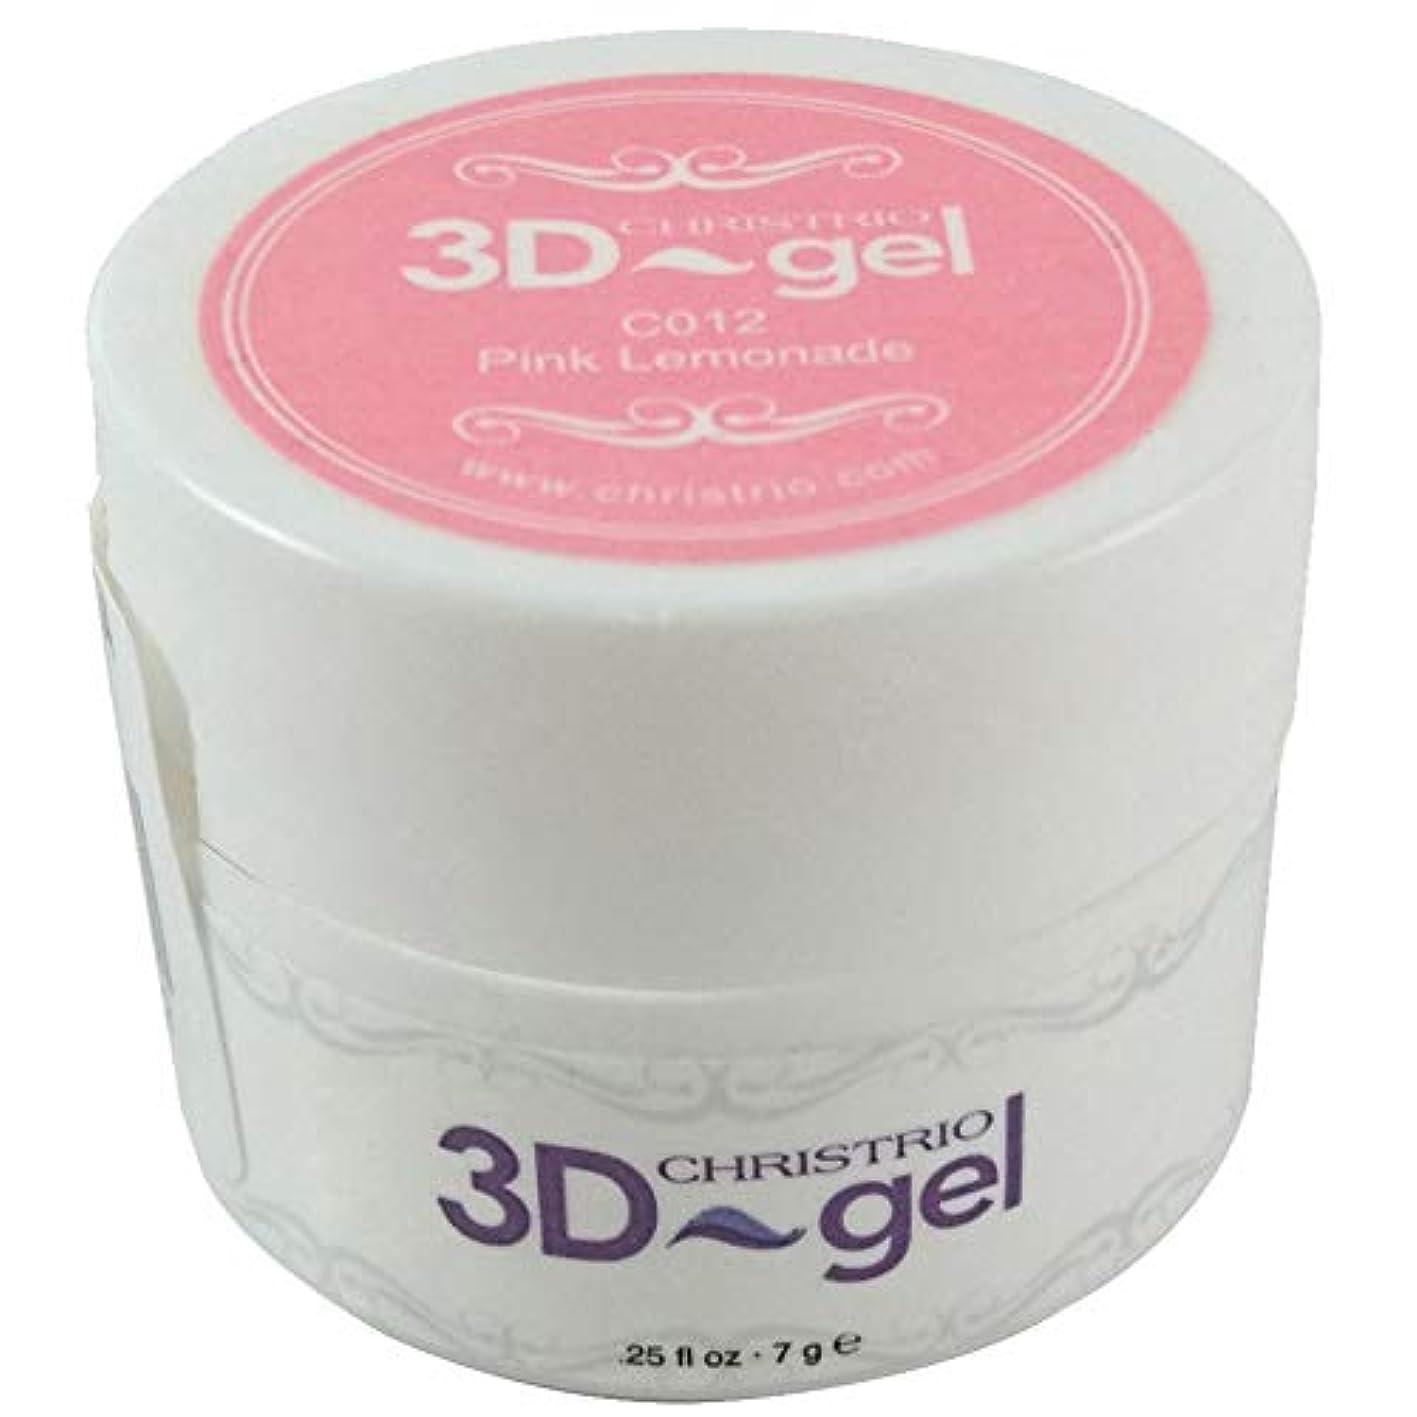 平均伝える解釈的CHRISTRIO 3Dジェル 7g C012 ピンクレモネード